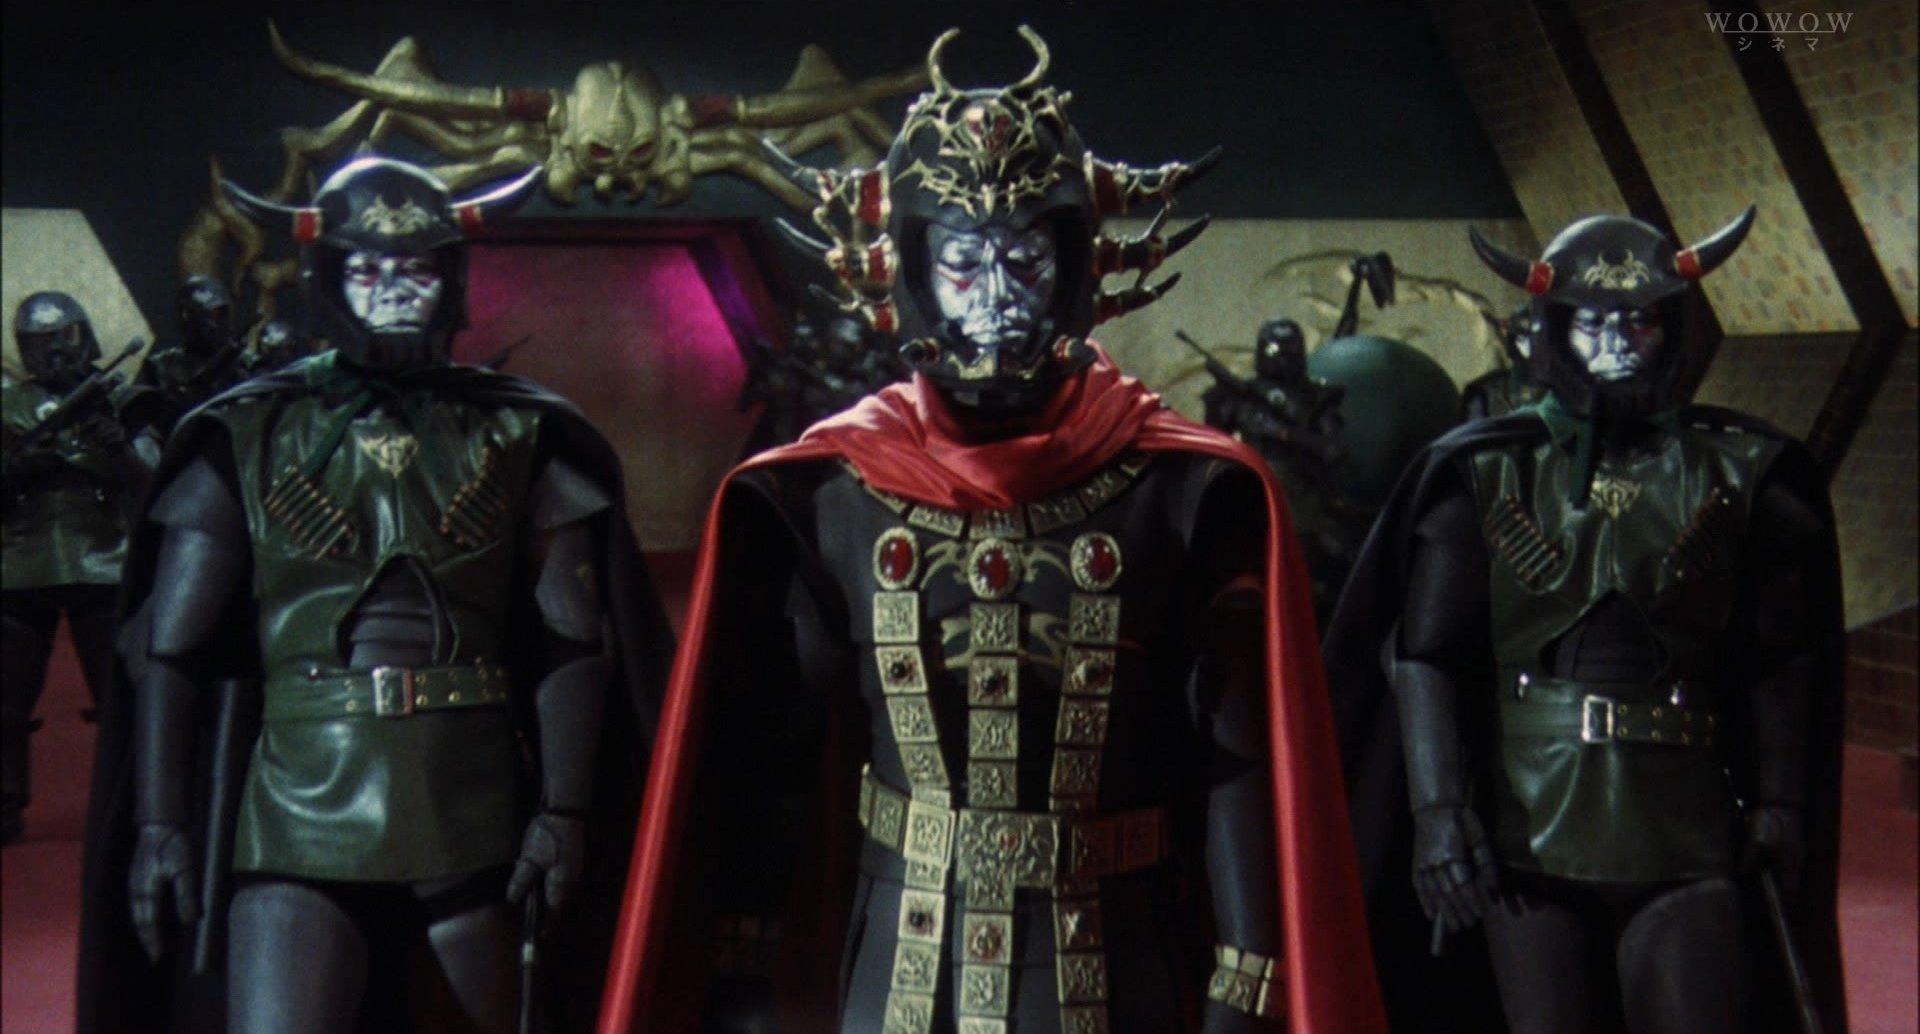 『宇宙からのメッセージ』ガバナス皇帝